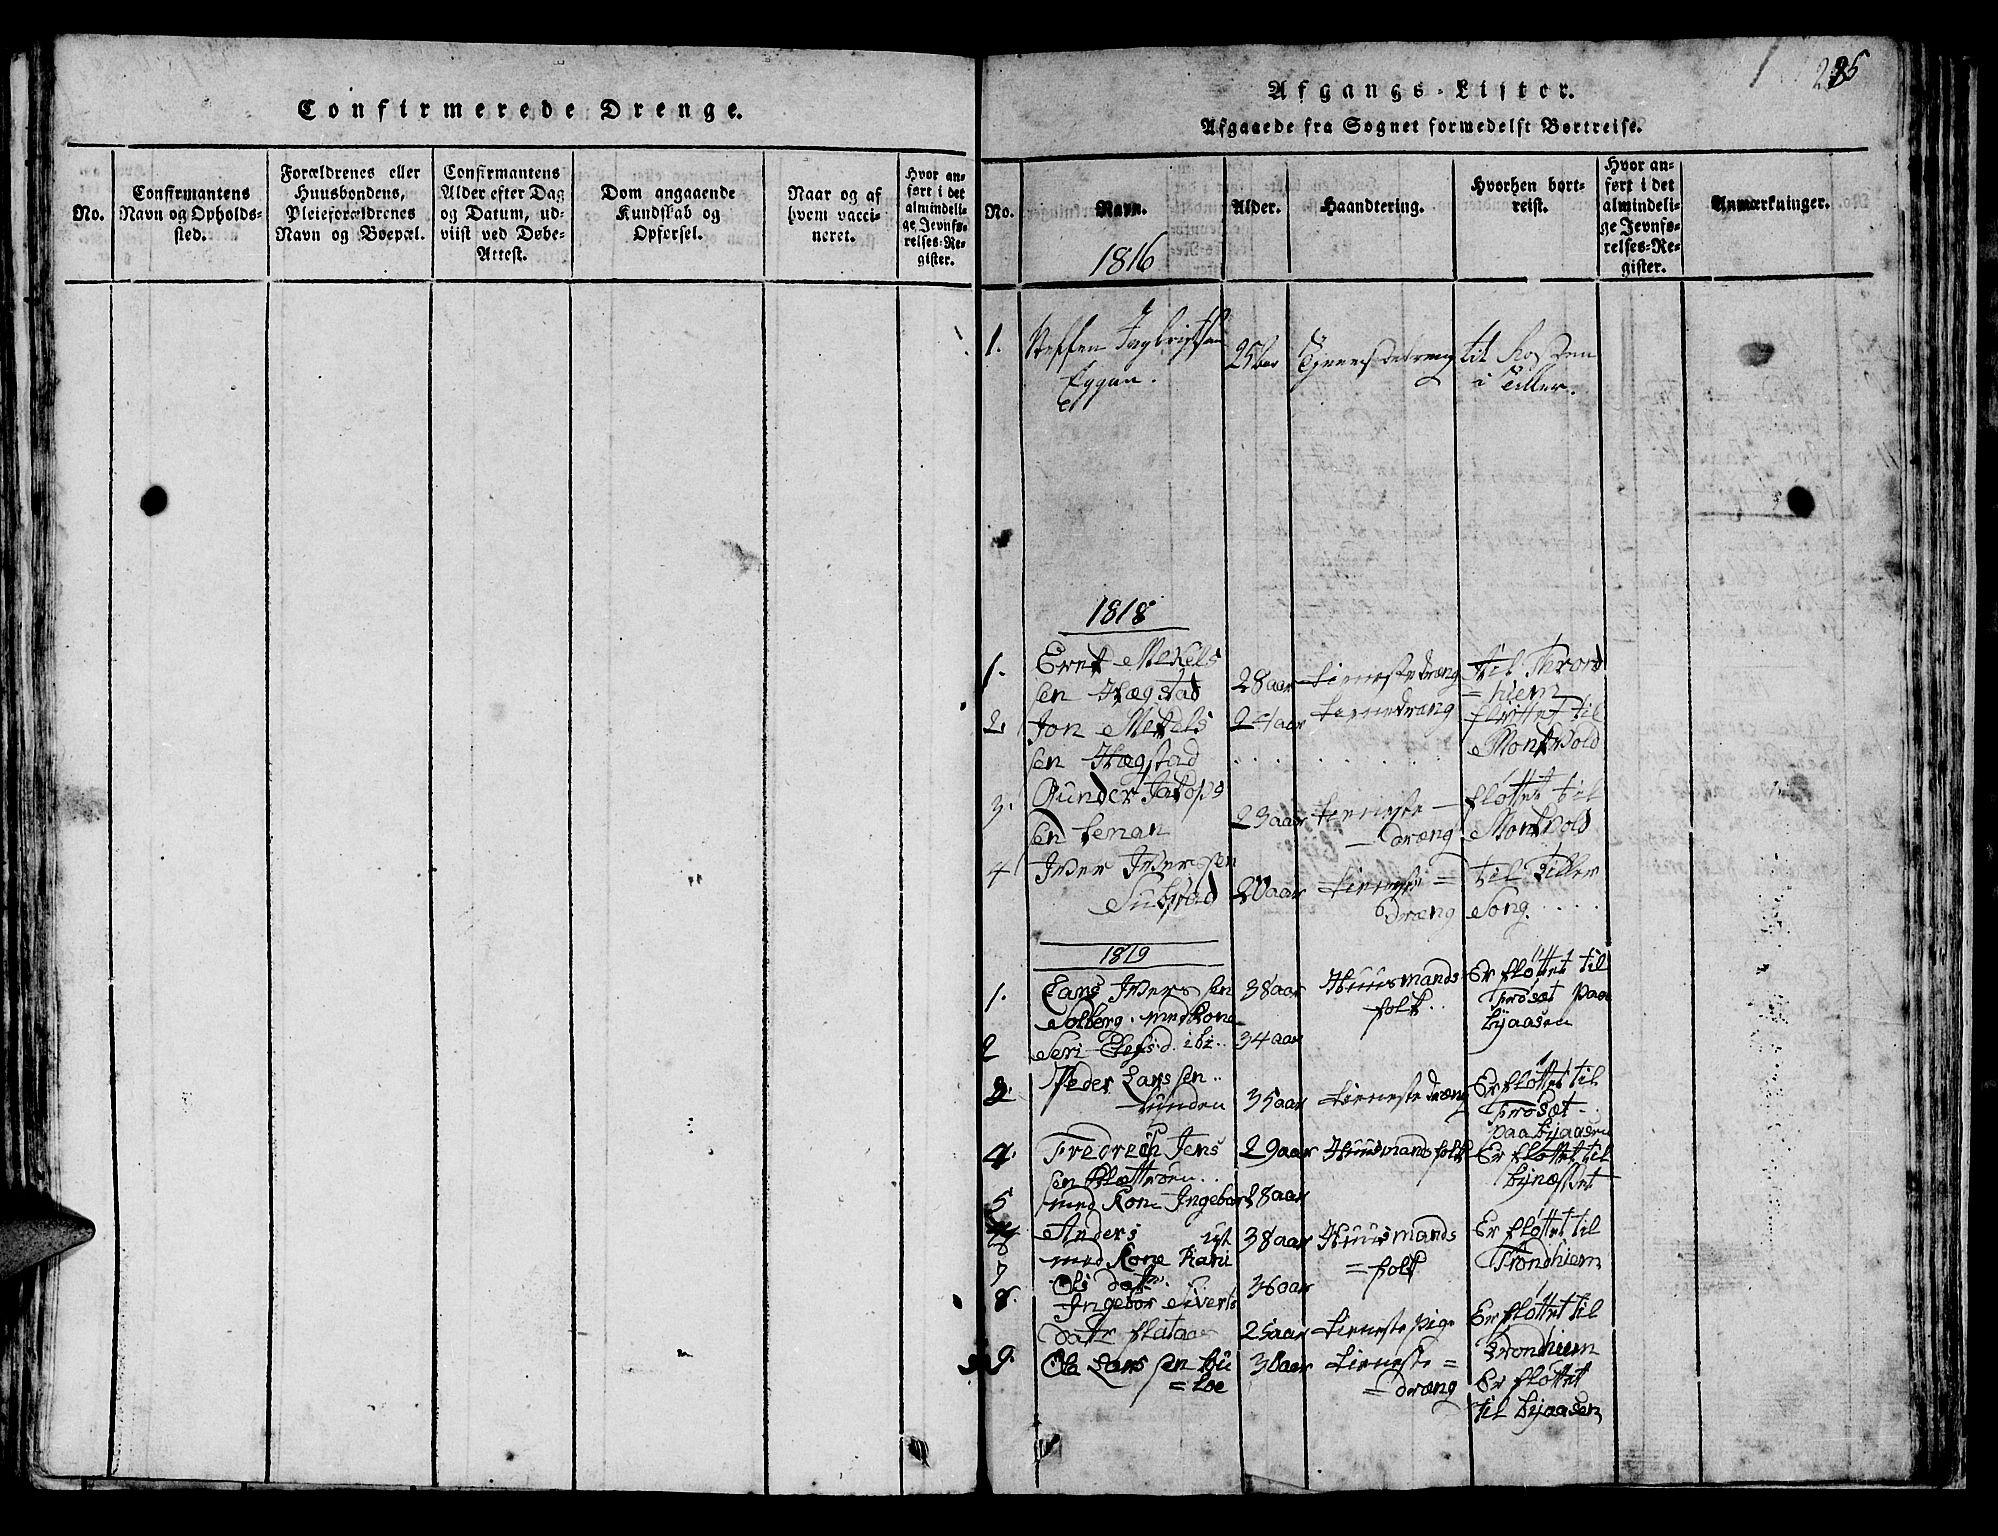 SAT, Ministerialprotokoller, klokkerbøker og fødselsregistre - Sør-Trøndelag, 613/L0393: Klokkerbok nr. 613C01, 1816-1886, s. 285